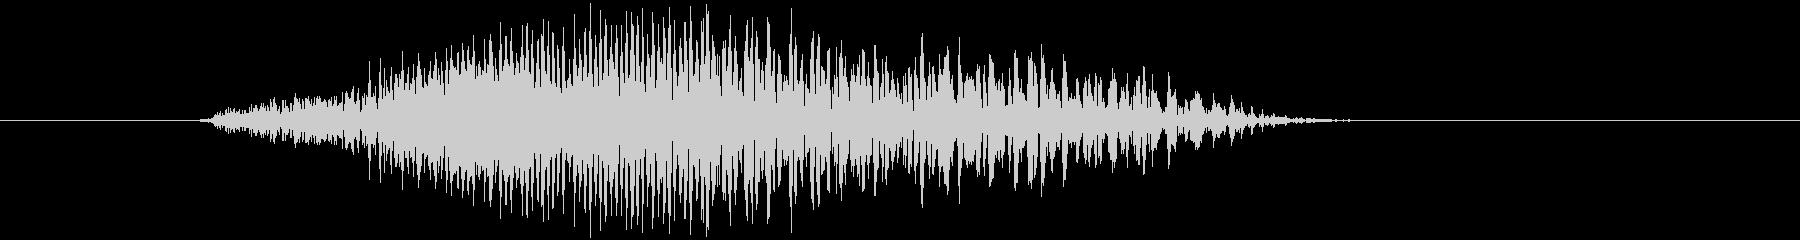 鳴き声 男性コンバットヒットハード08の未再生の波形